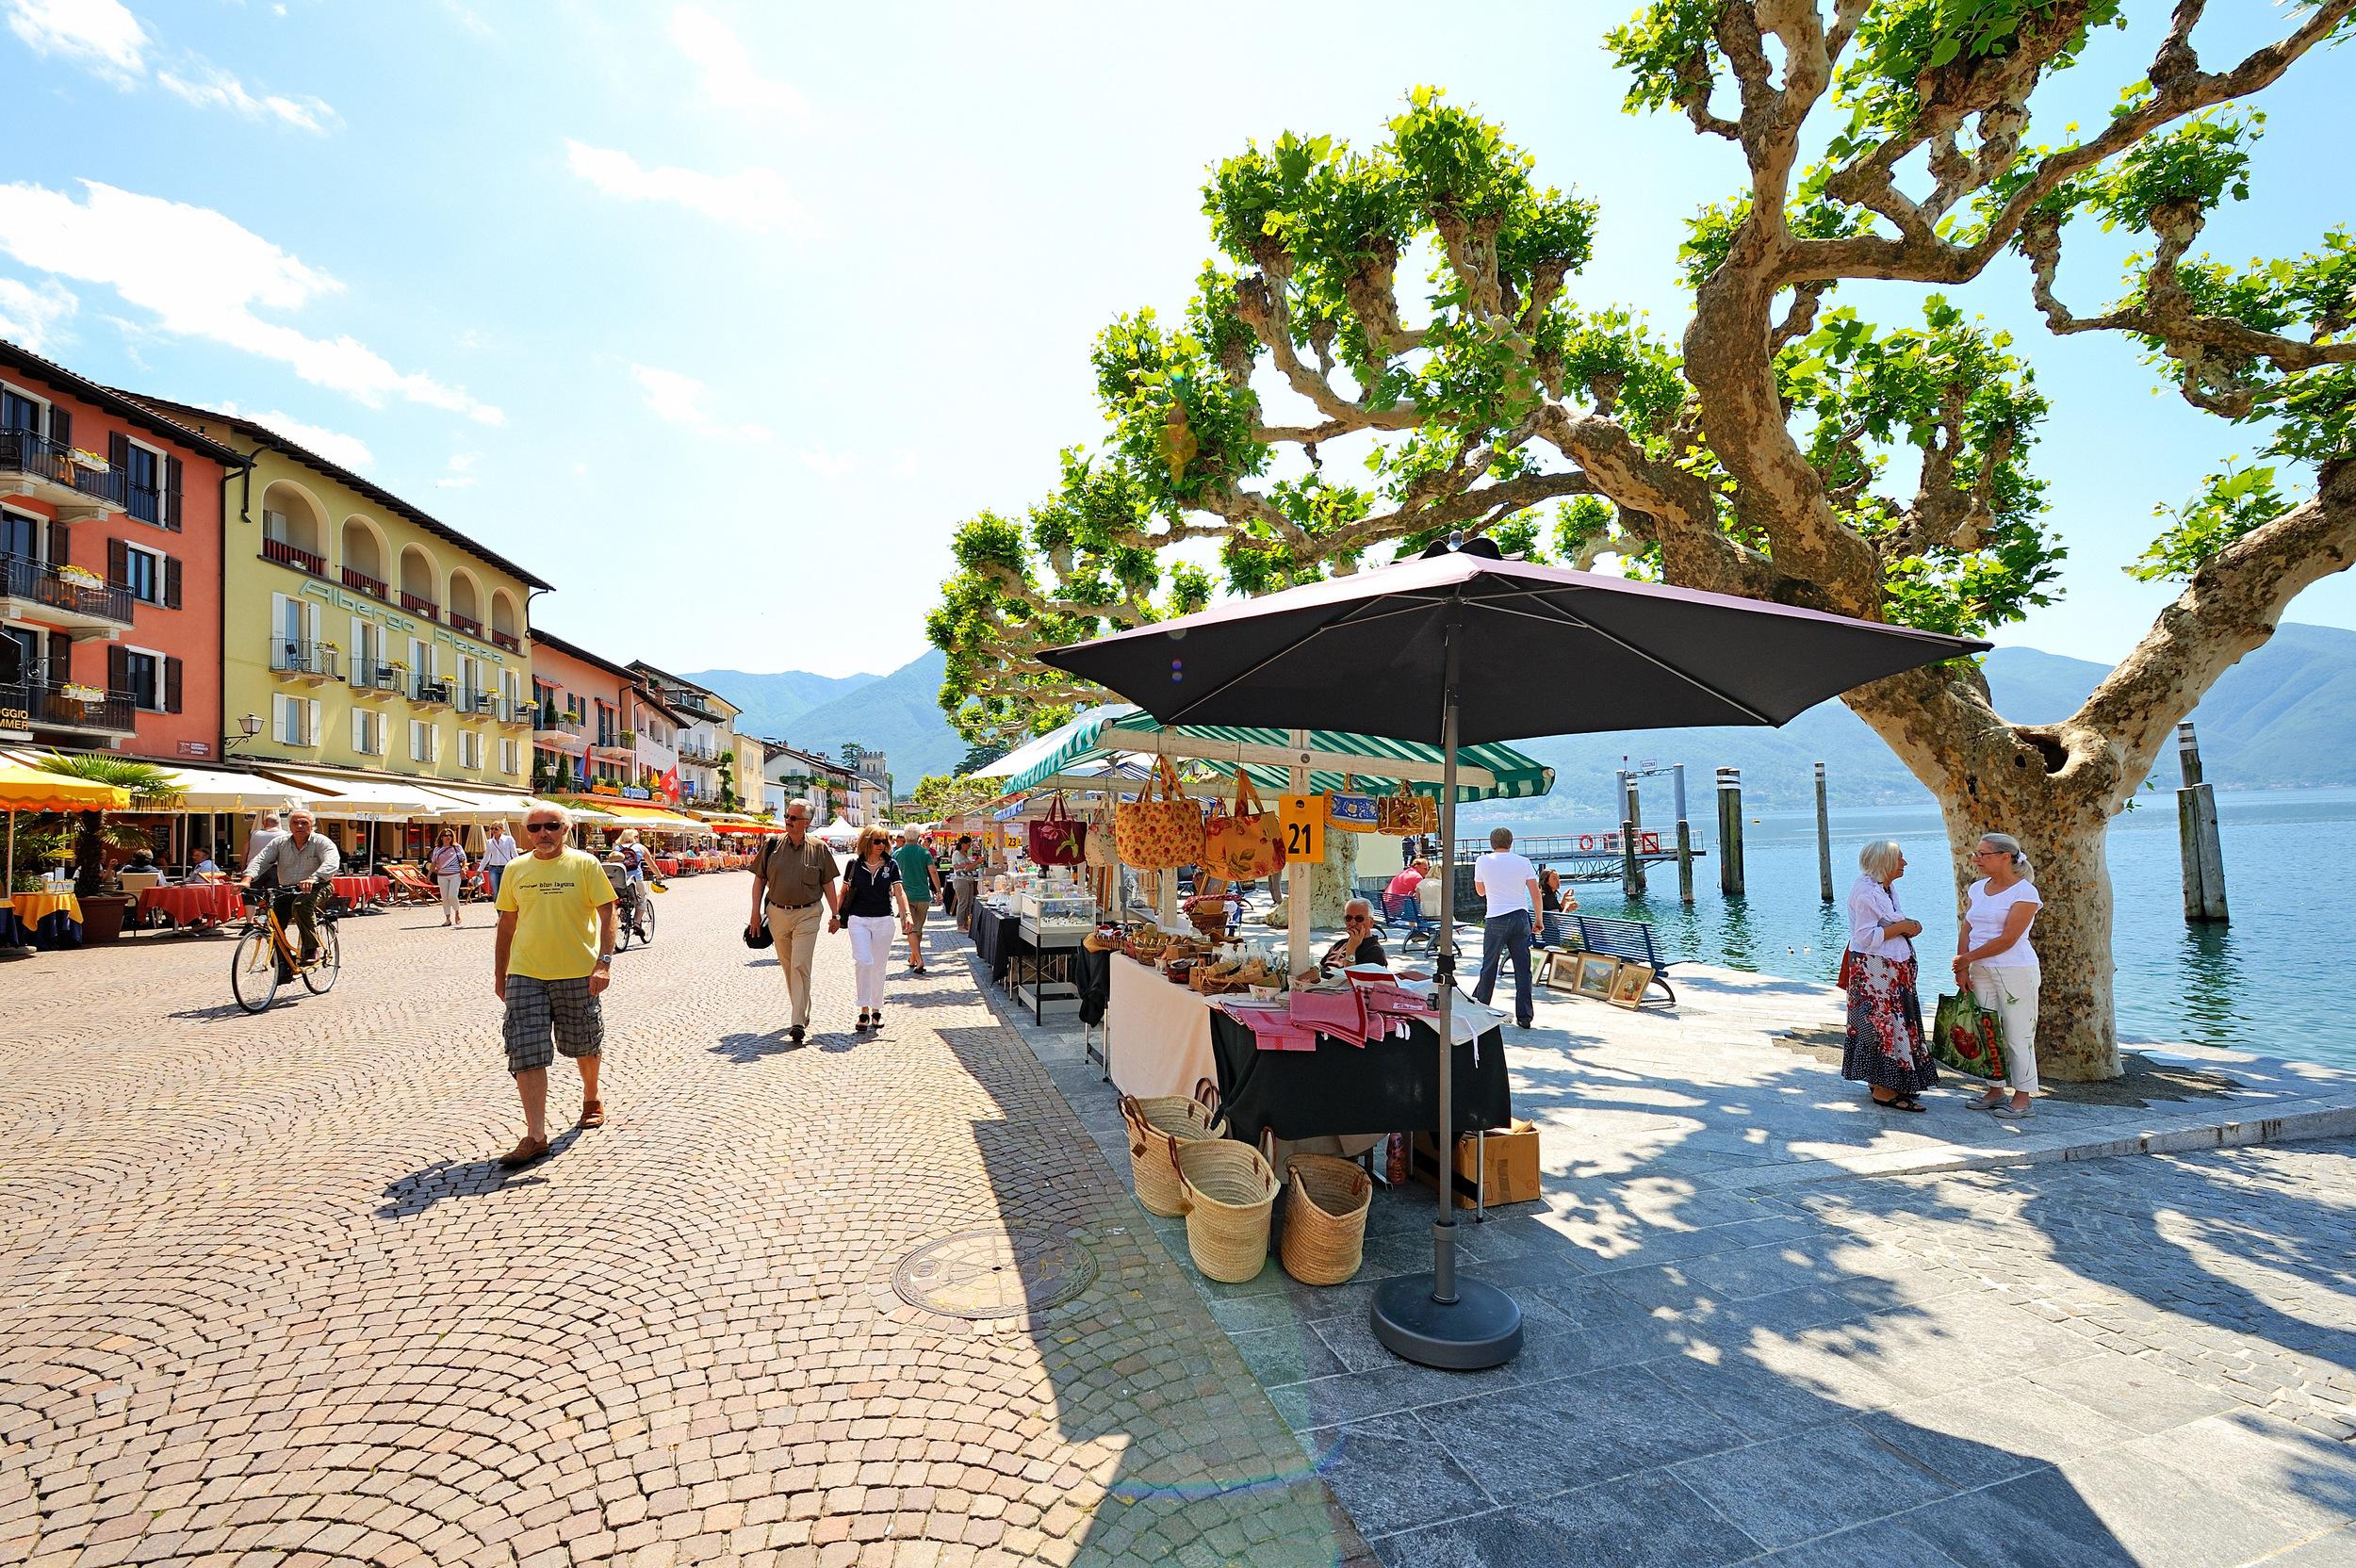 Ascona market